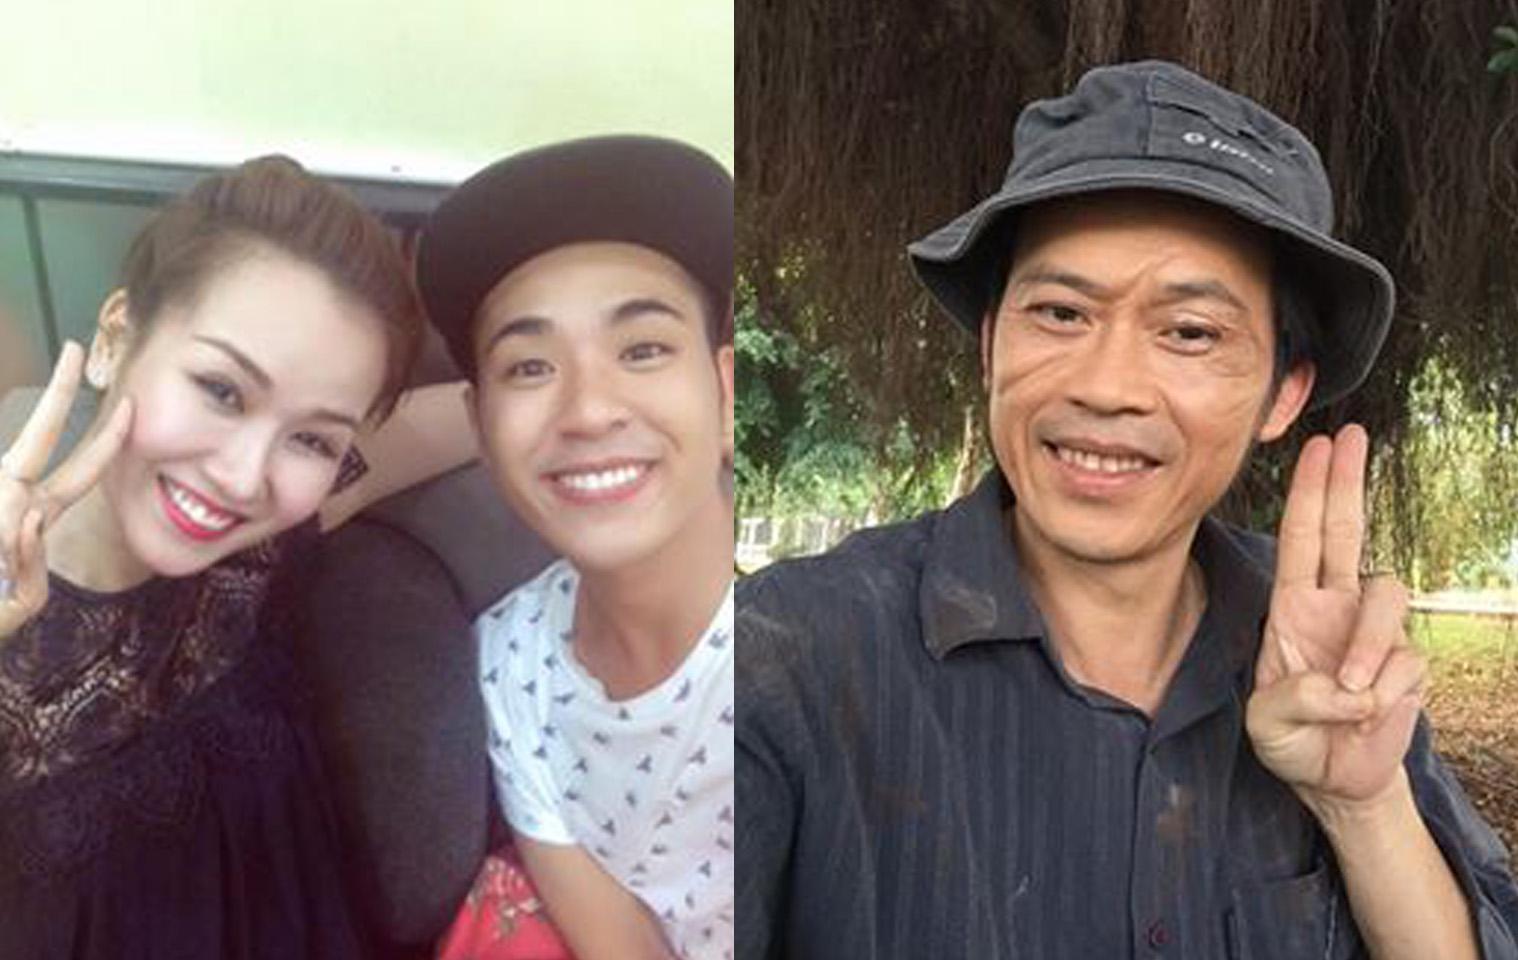 Ảnh đời  thường của sao Việt qua facebook ngày 26-5